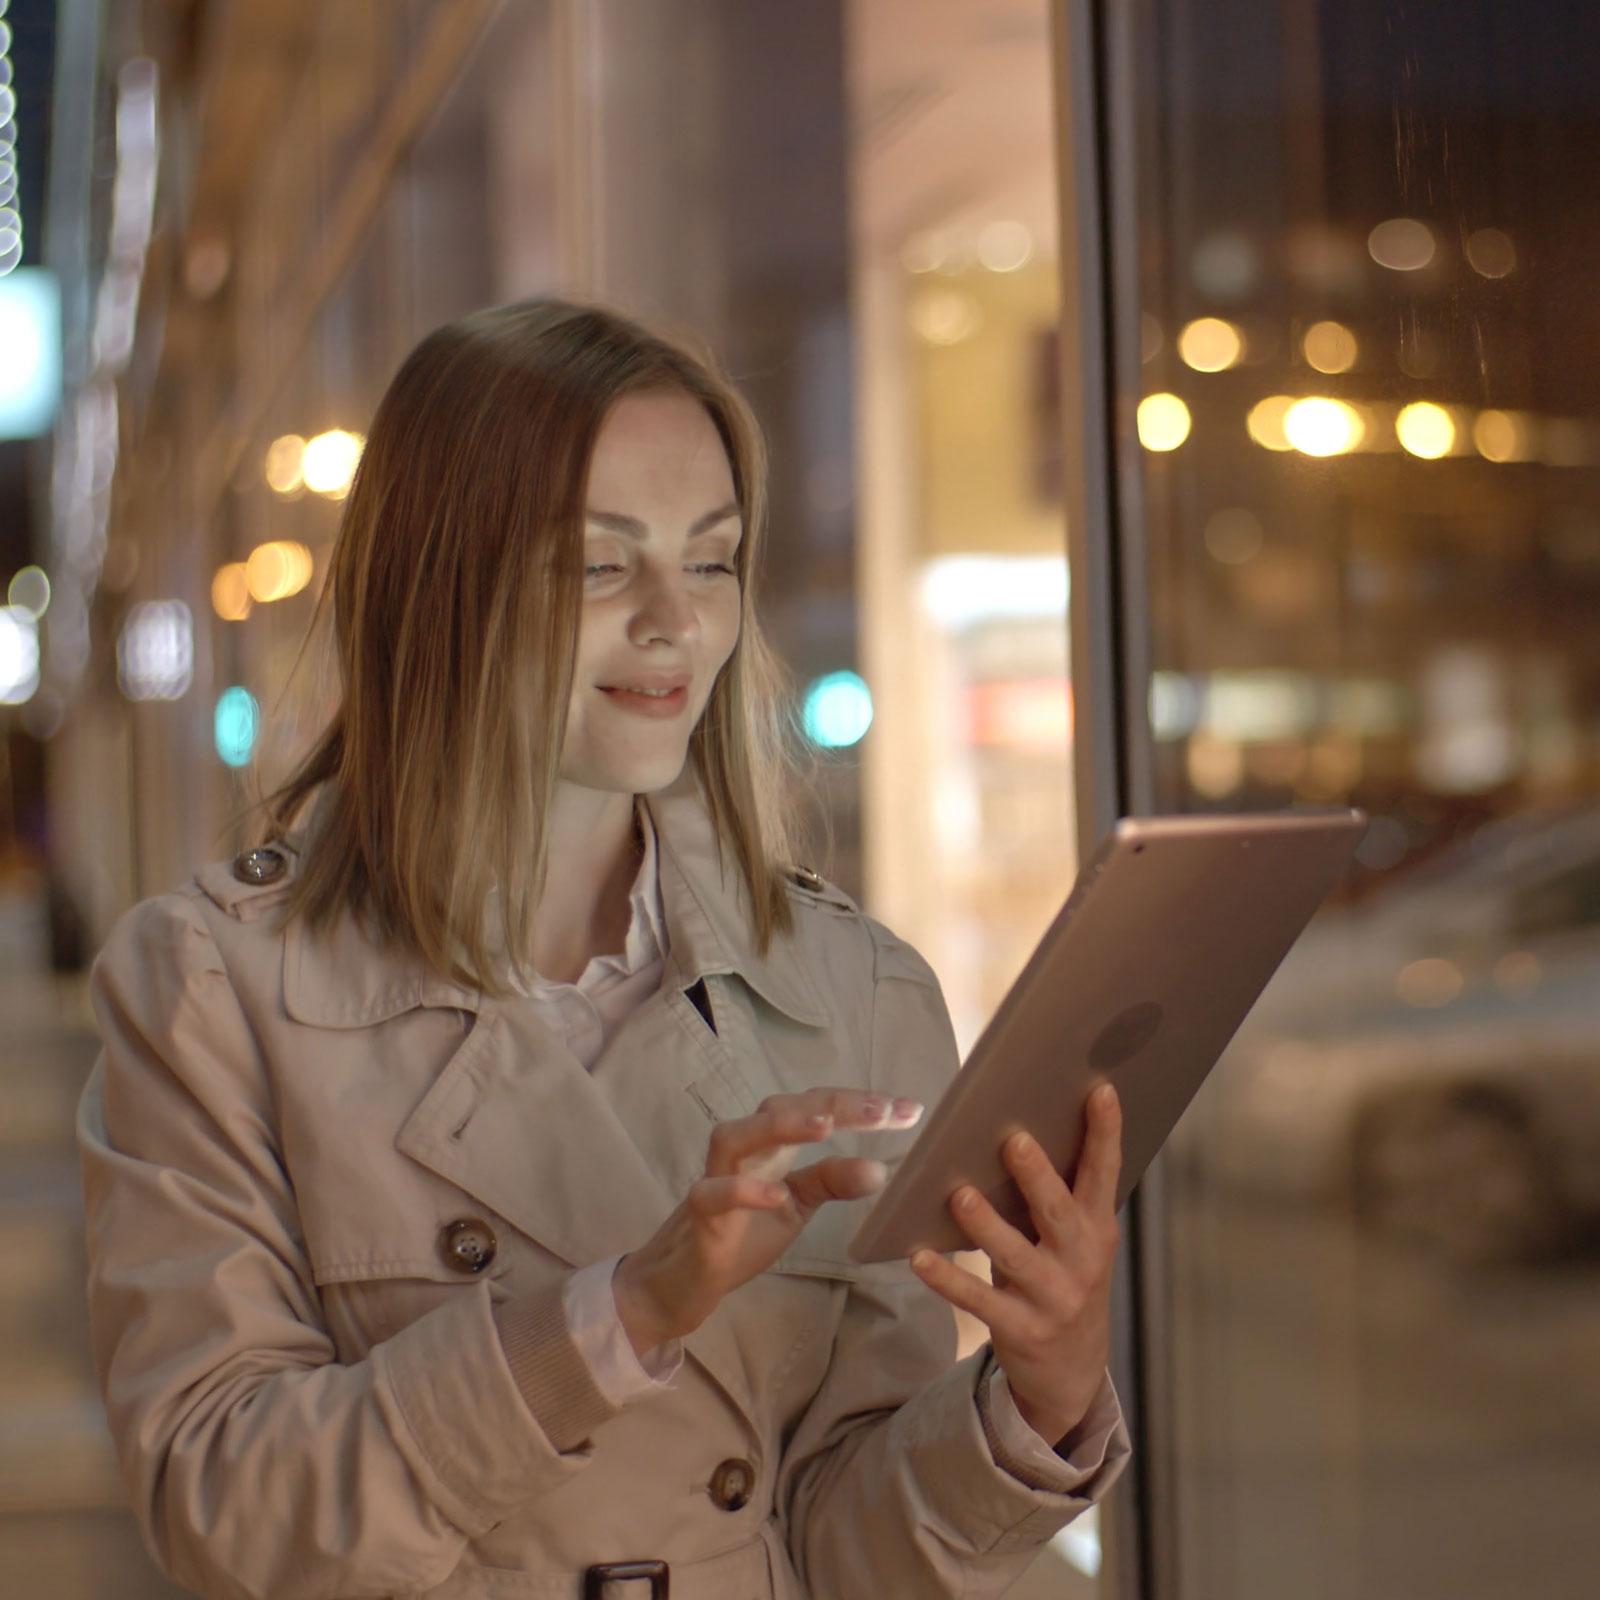 antifurto-wifi-dogma-video-verifica